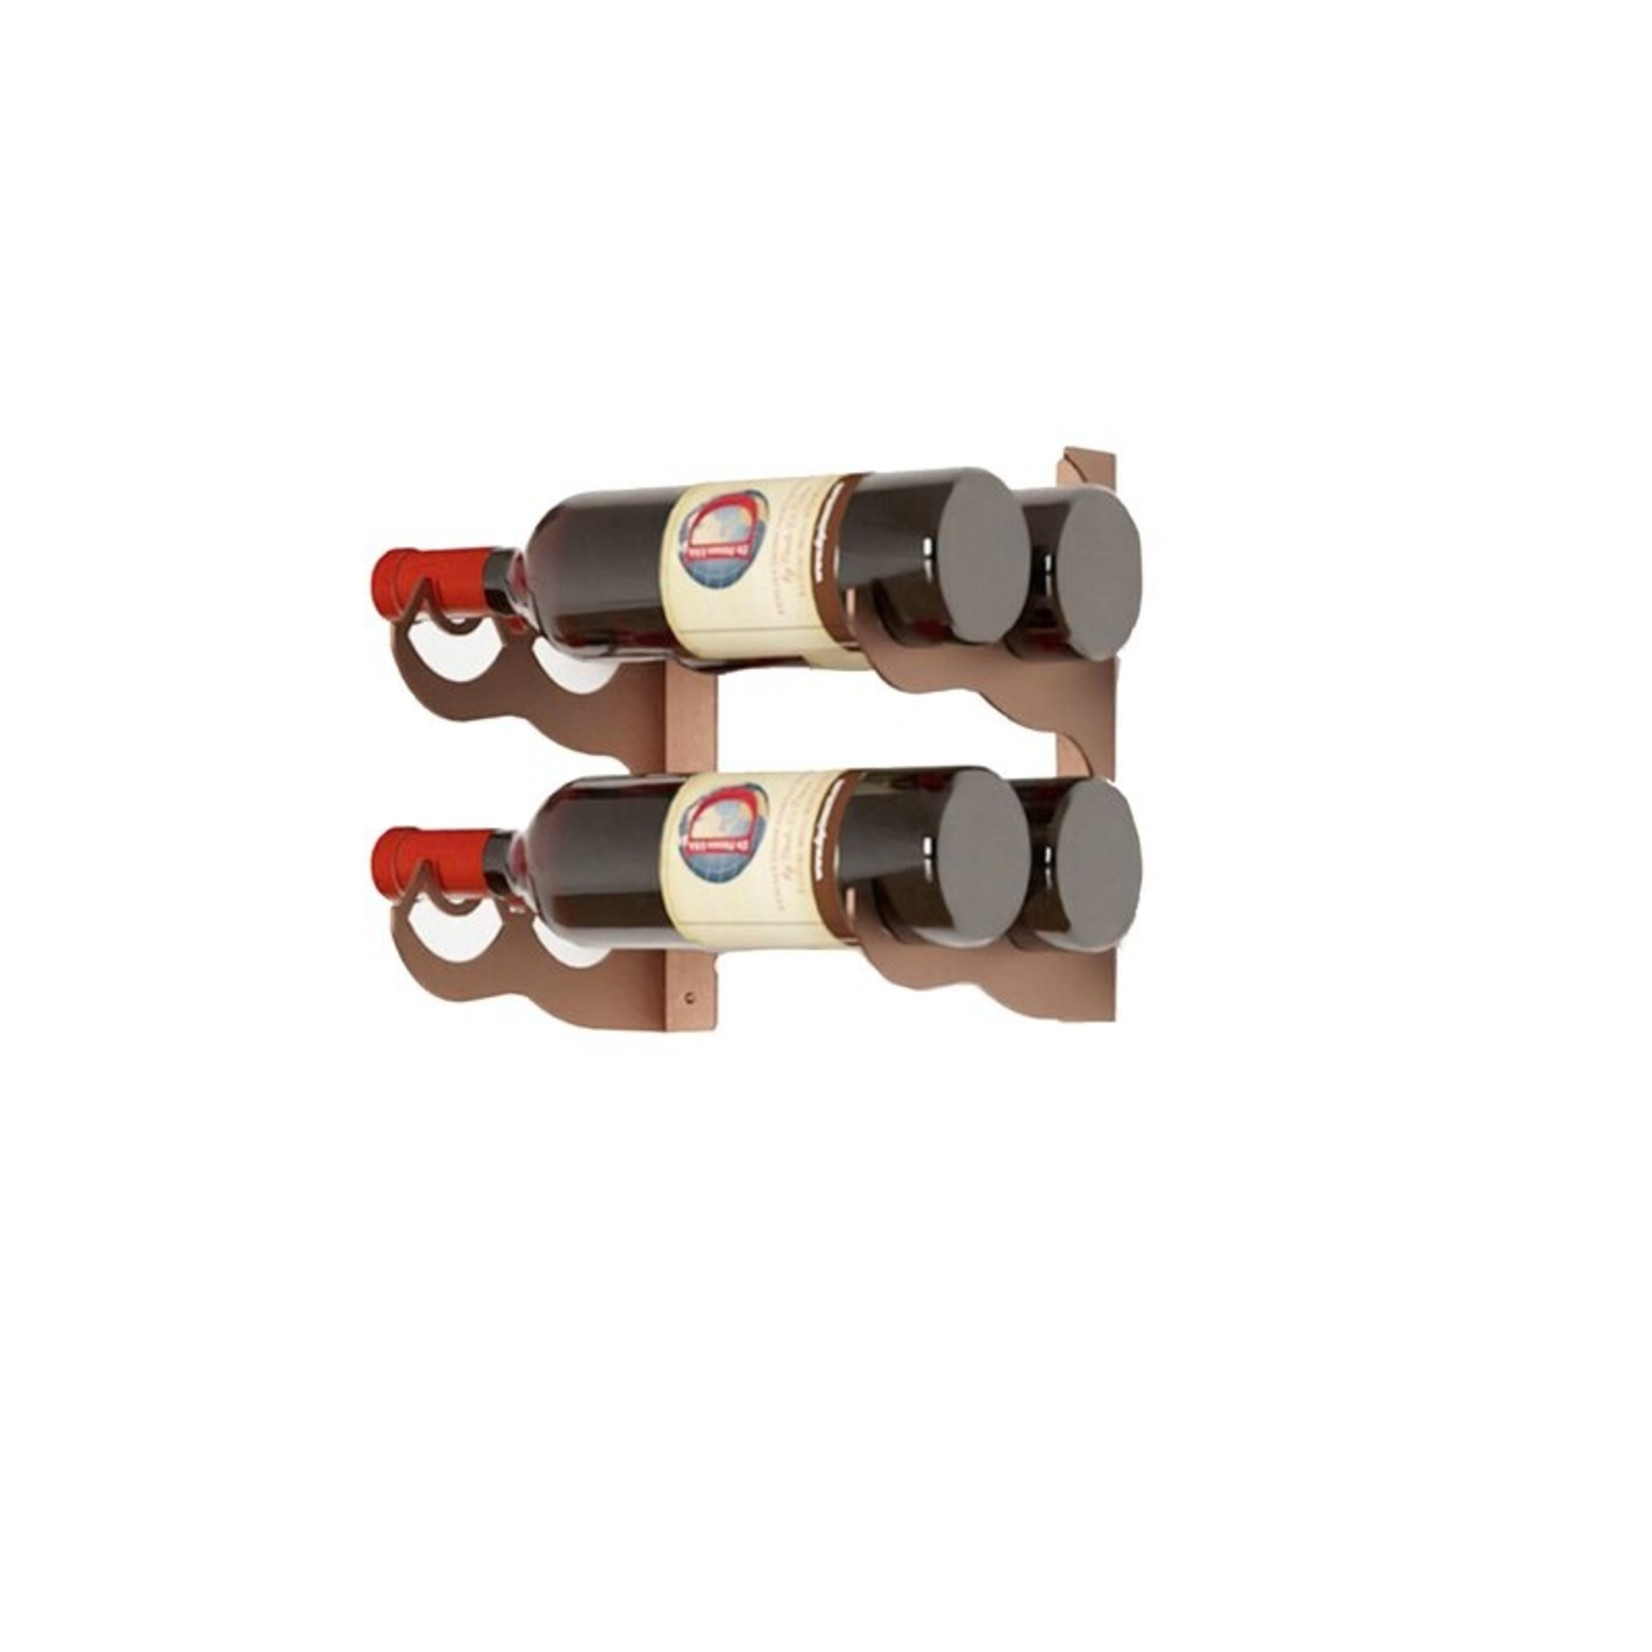 *Irizarry 2 Bottle Wall Mounted Wine Bottle Rack in Corten